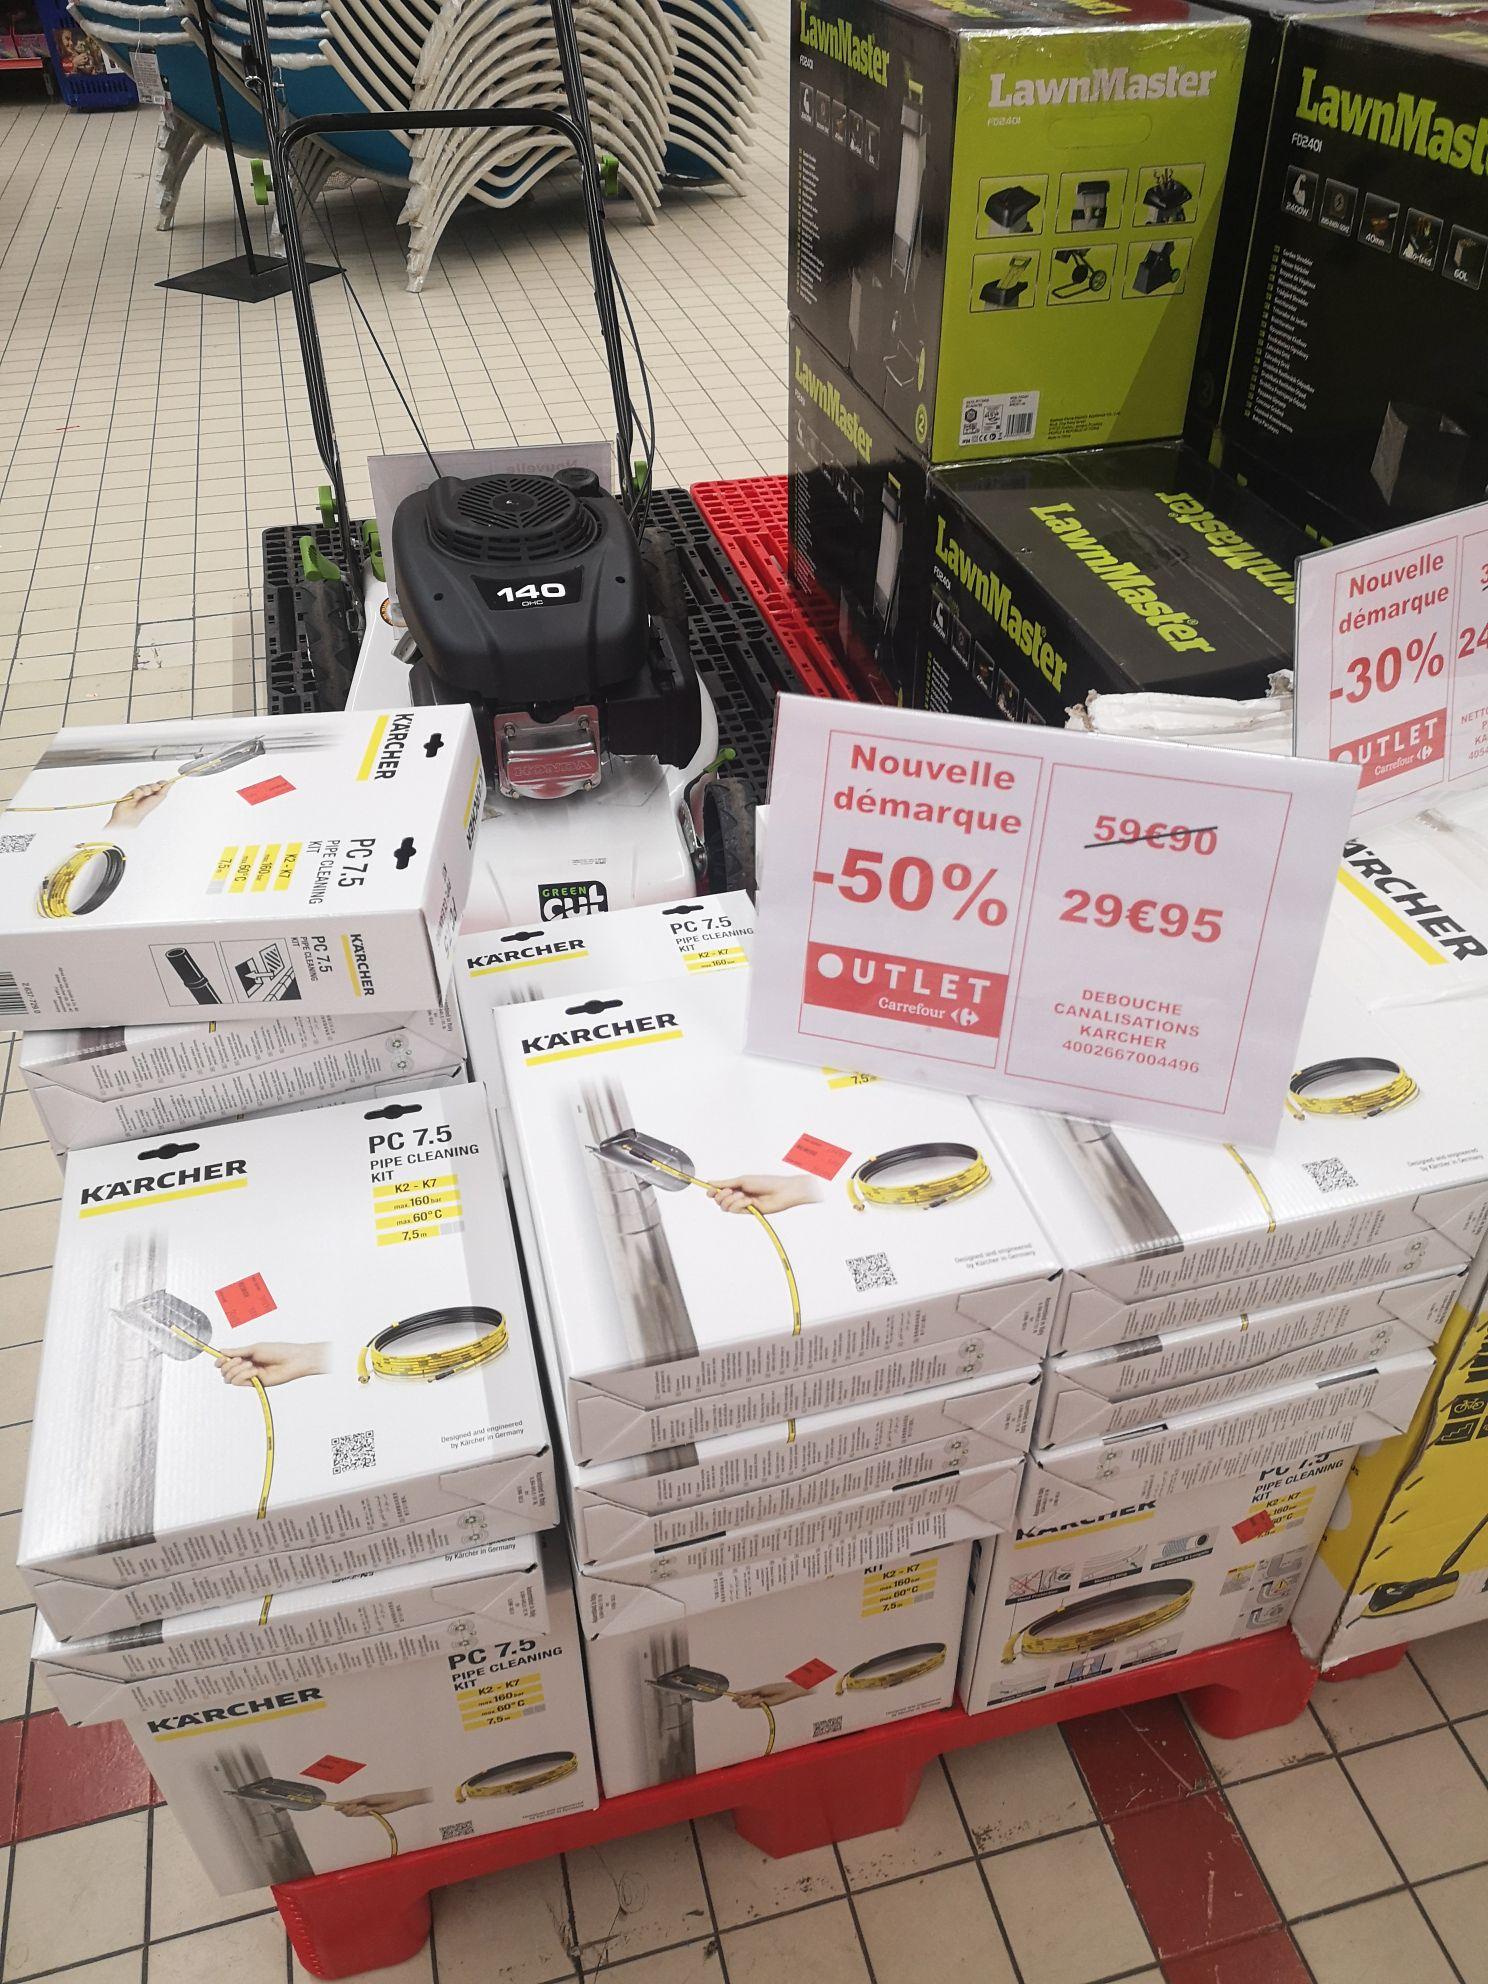 Kit de nettoyage de canalisations et gouttières Karcher 7.5m (Via ODR de 15€) - Lomme (59)